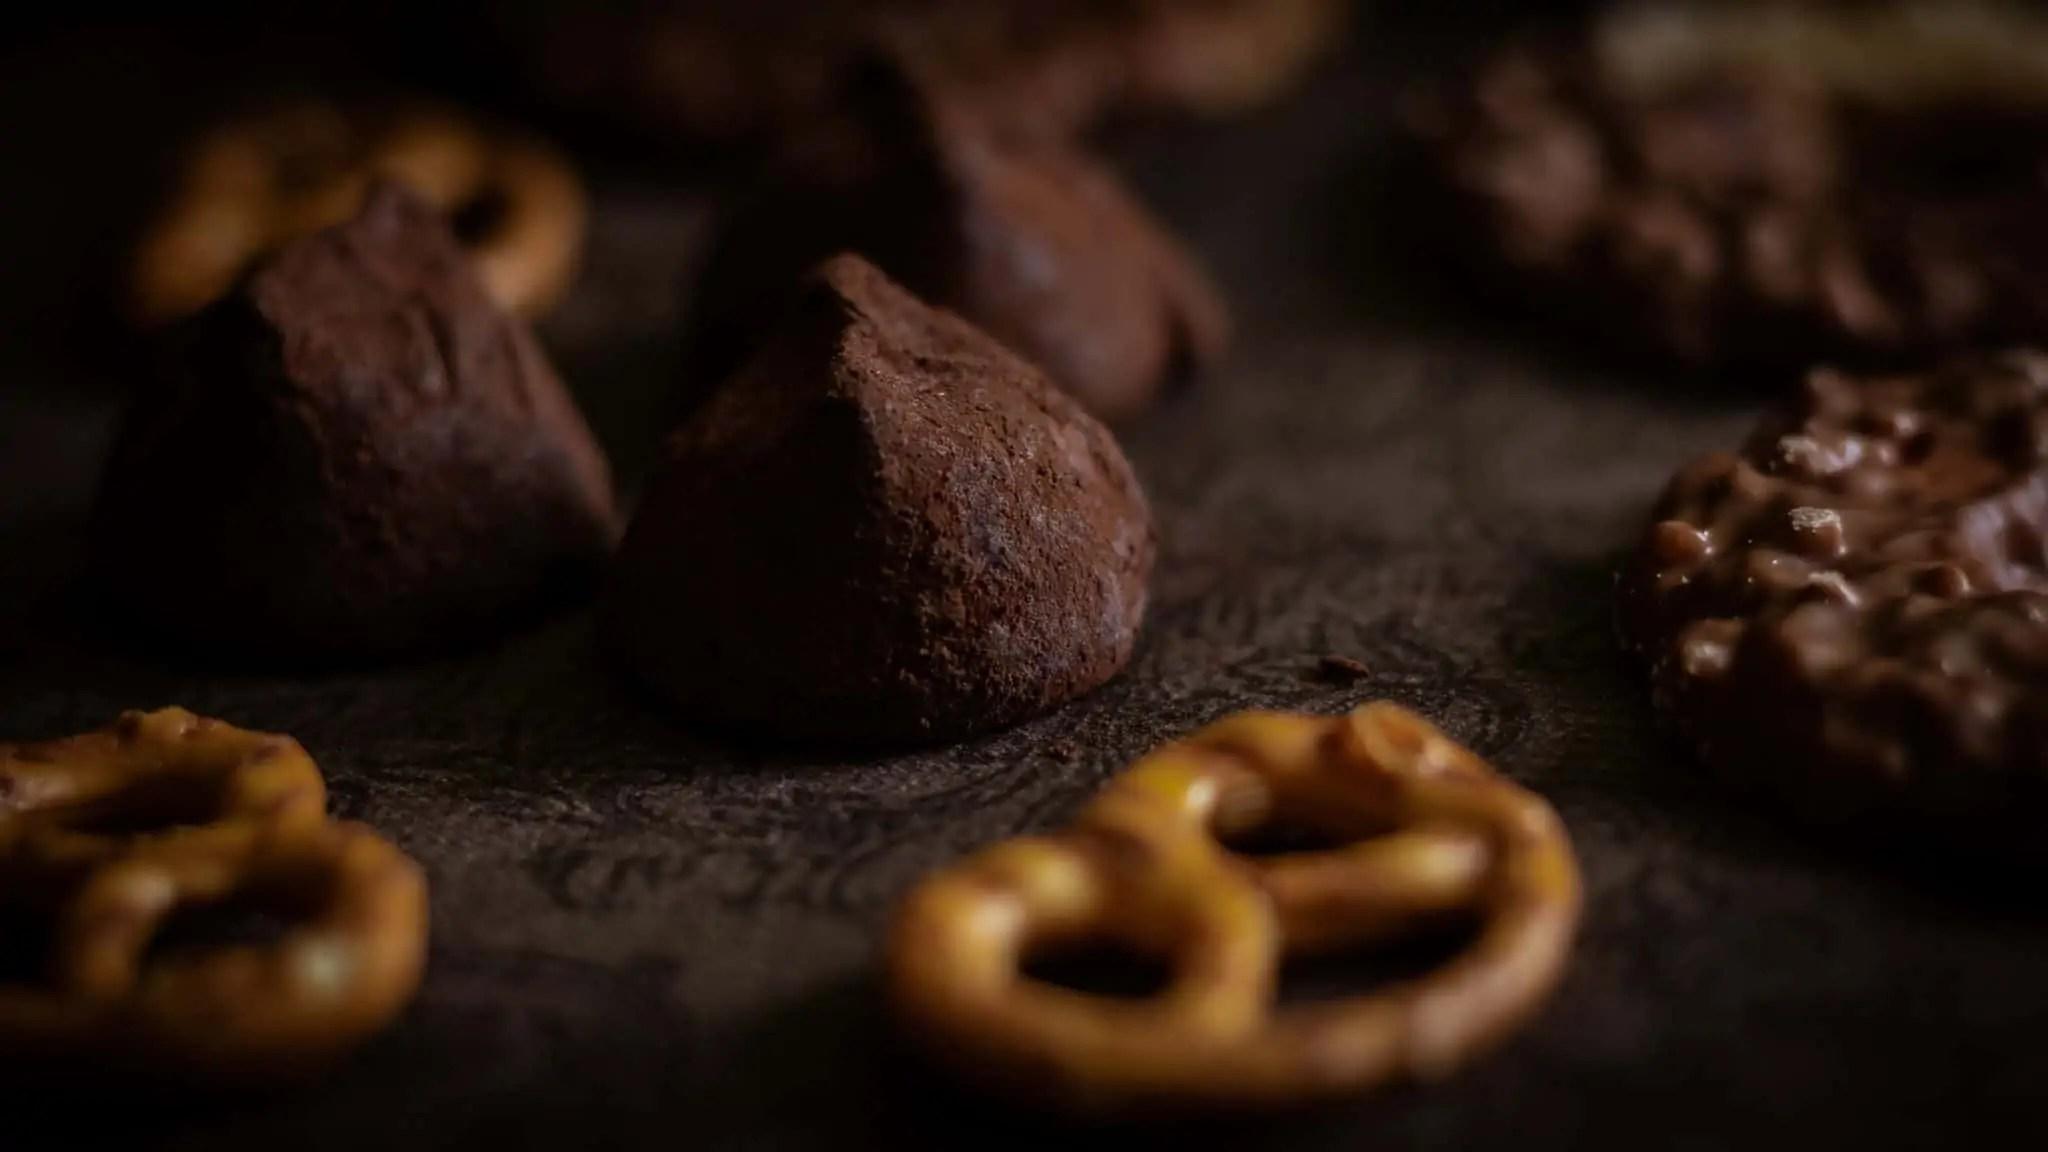 Czarna fotografia jedzenia czekolada precelki i ciastka 5 scaled - Czarna fotografia produktowa